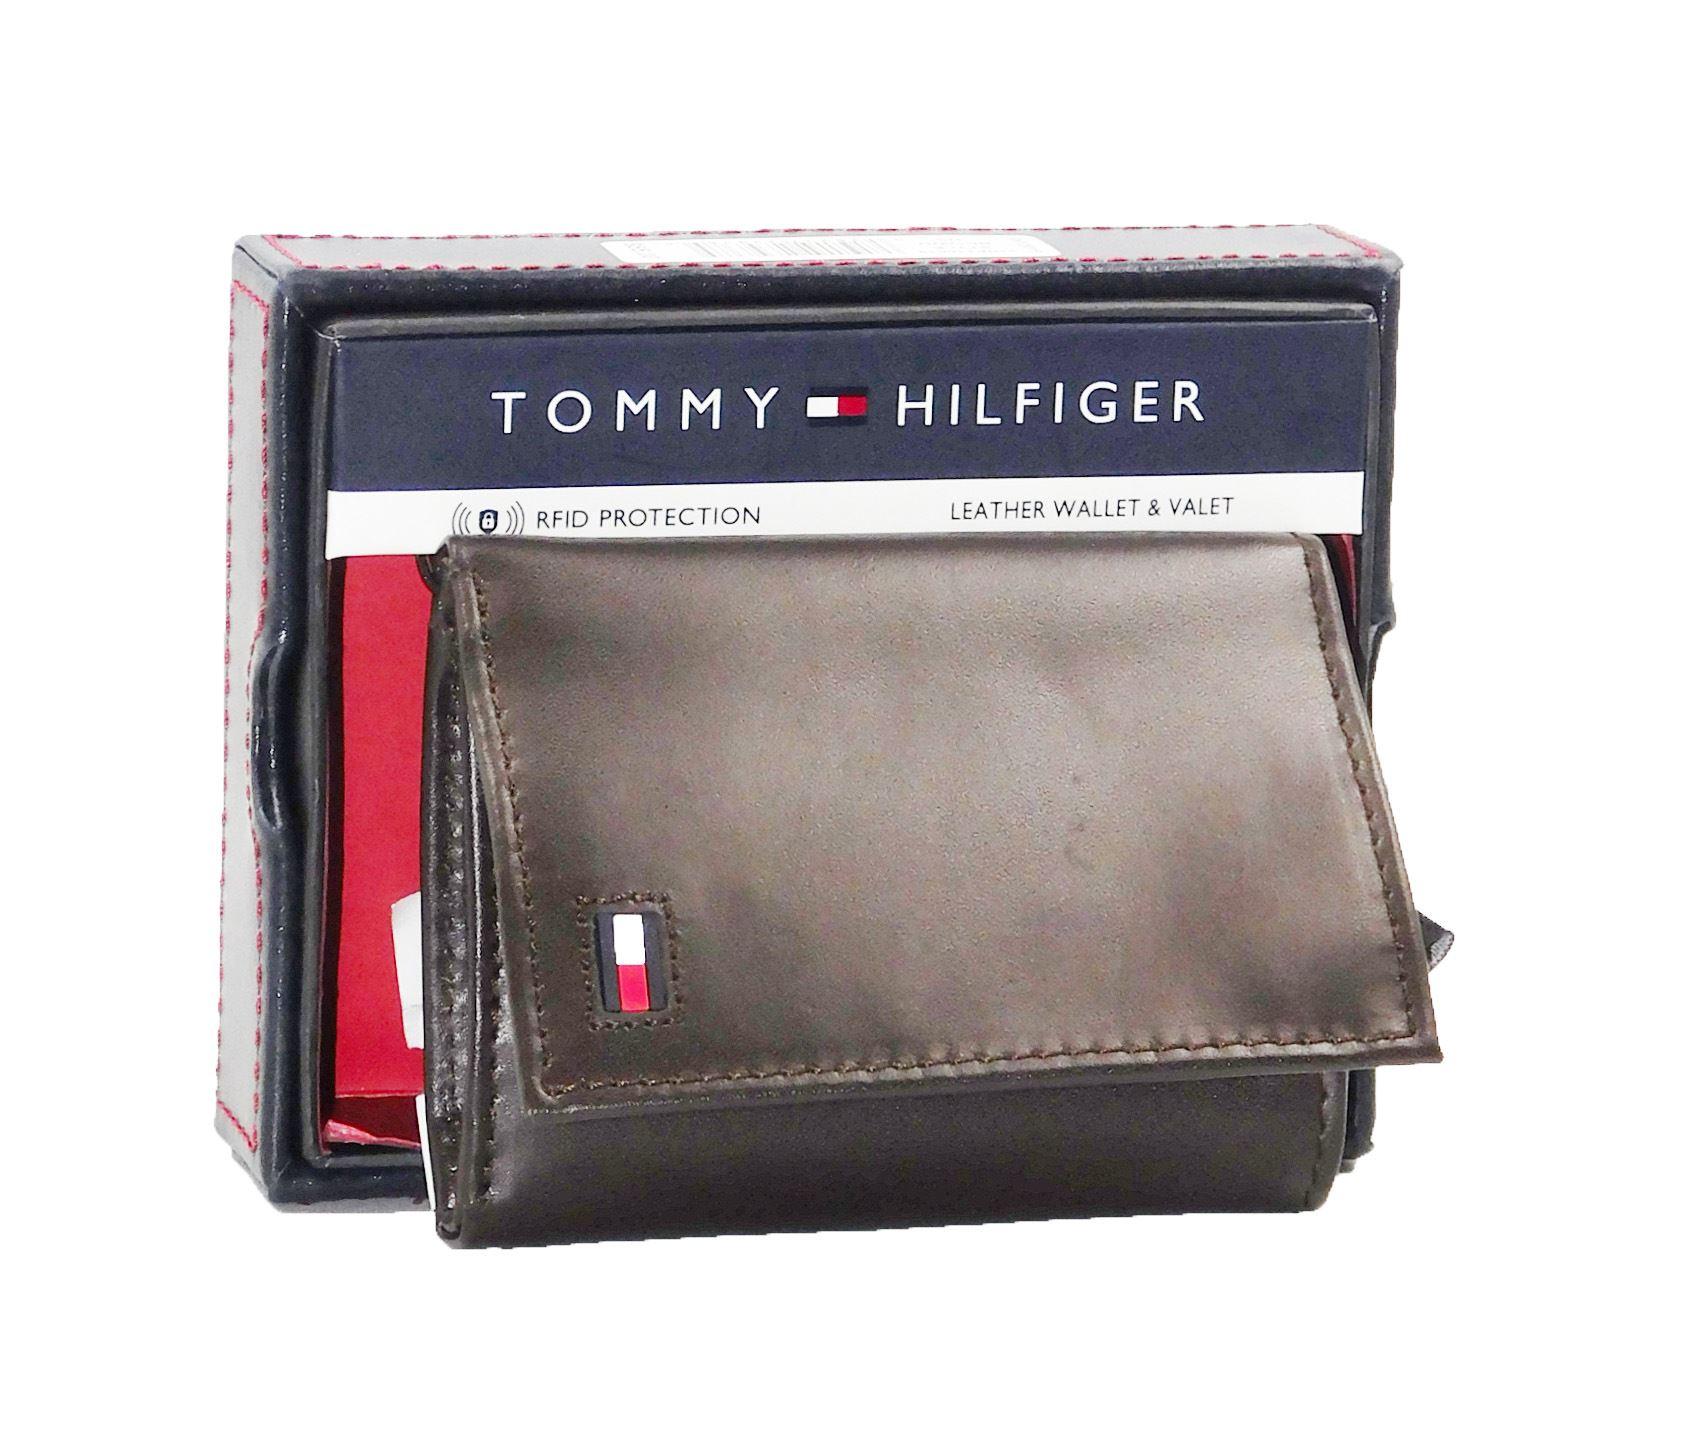 6acf902c5 Billetera Tommy Hilfiger Hombre 3 Cuerpos - Marron | Juntoz.com